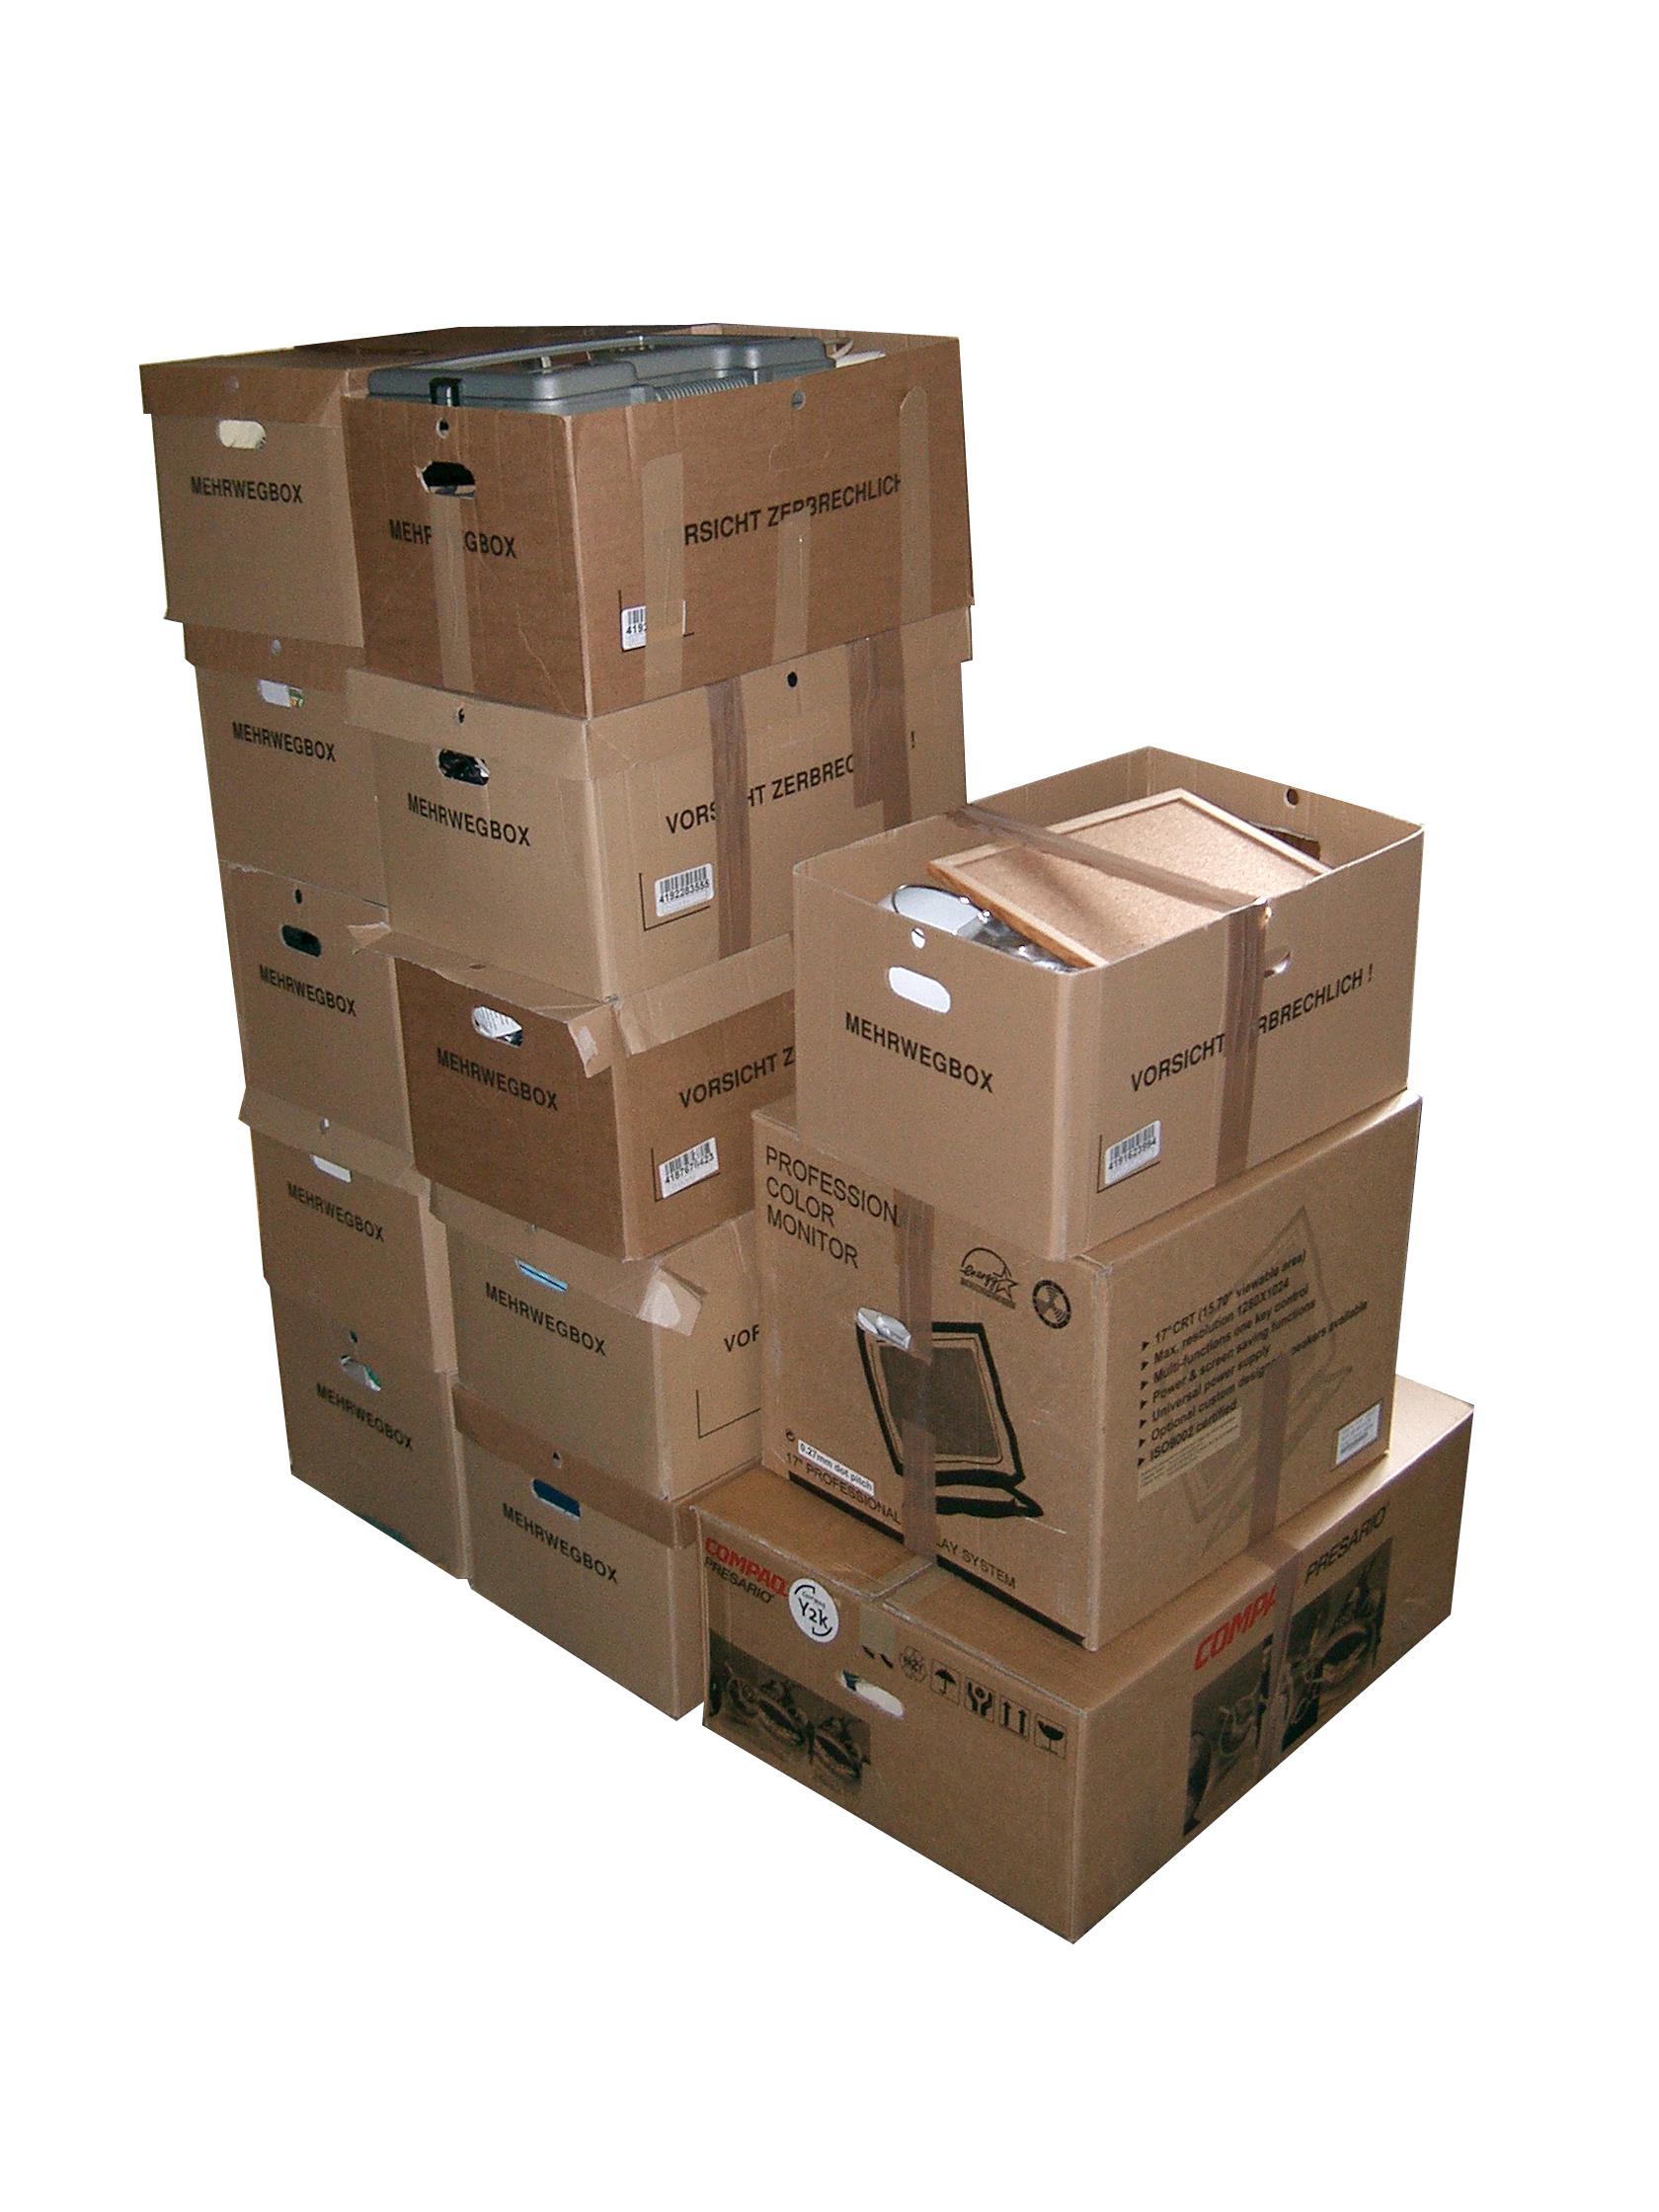 Stěhování - zkušenosti - krabice na stěhování zdarma